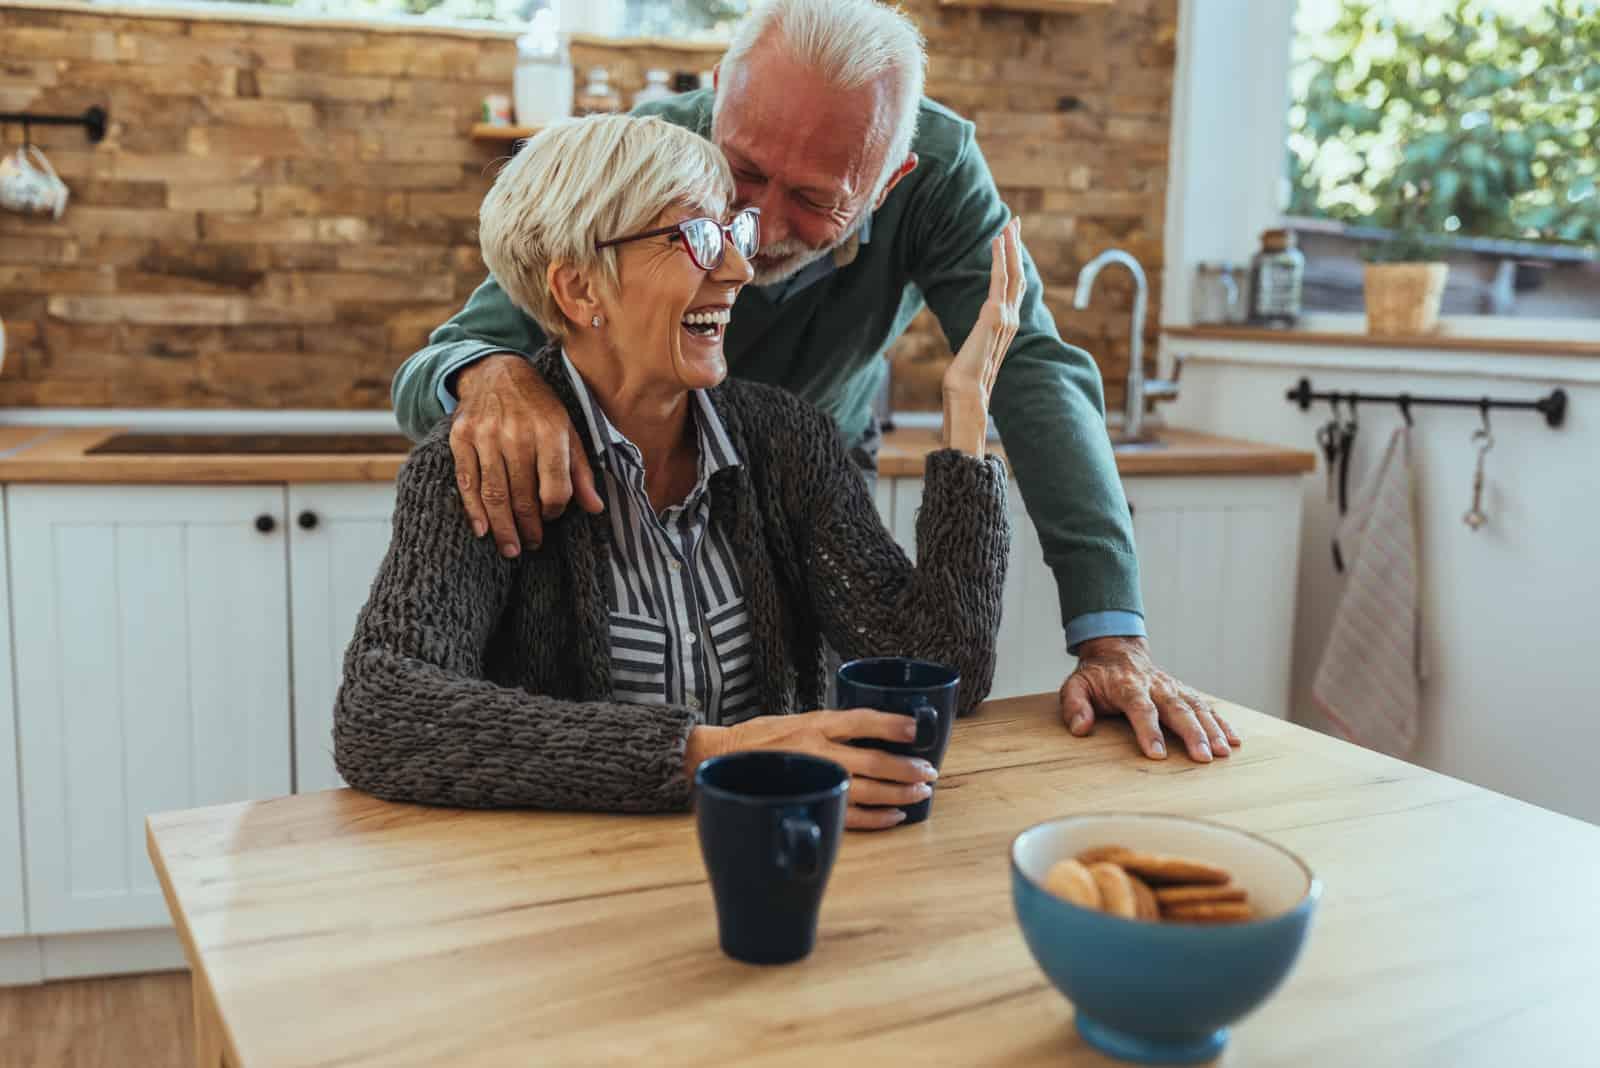 Ein lächelndes älteres Ehepaar umarmt sich in der Küche